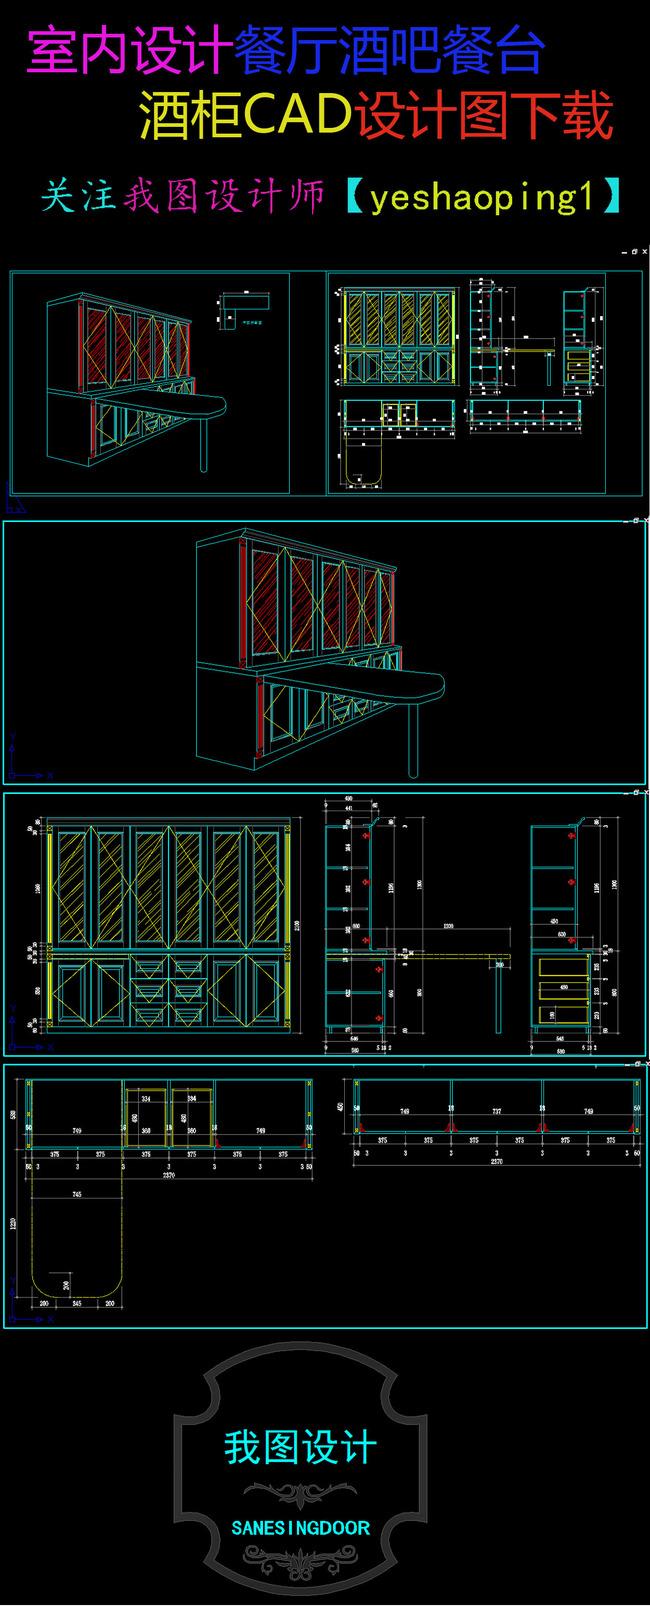 室内设计家具 cad设计 cad效果图 投影图 整体高档设计 玻璃柜门 立面